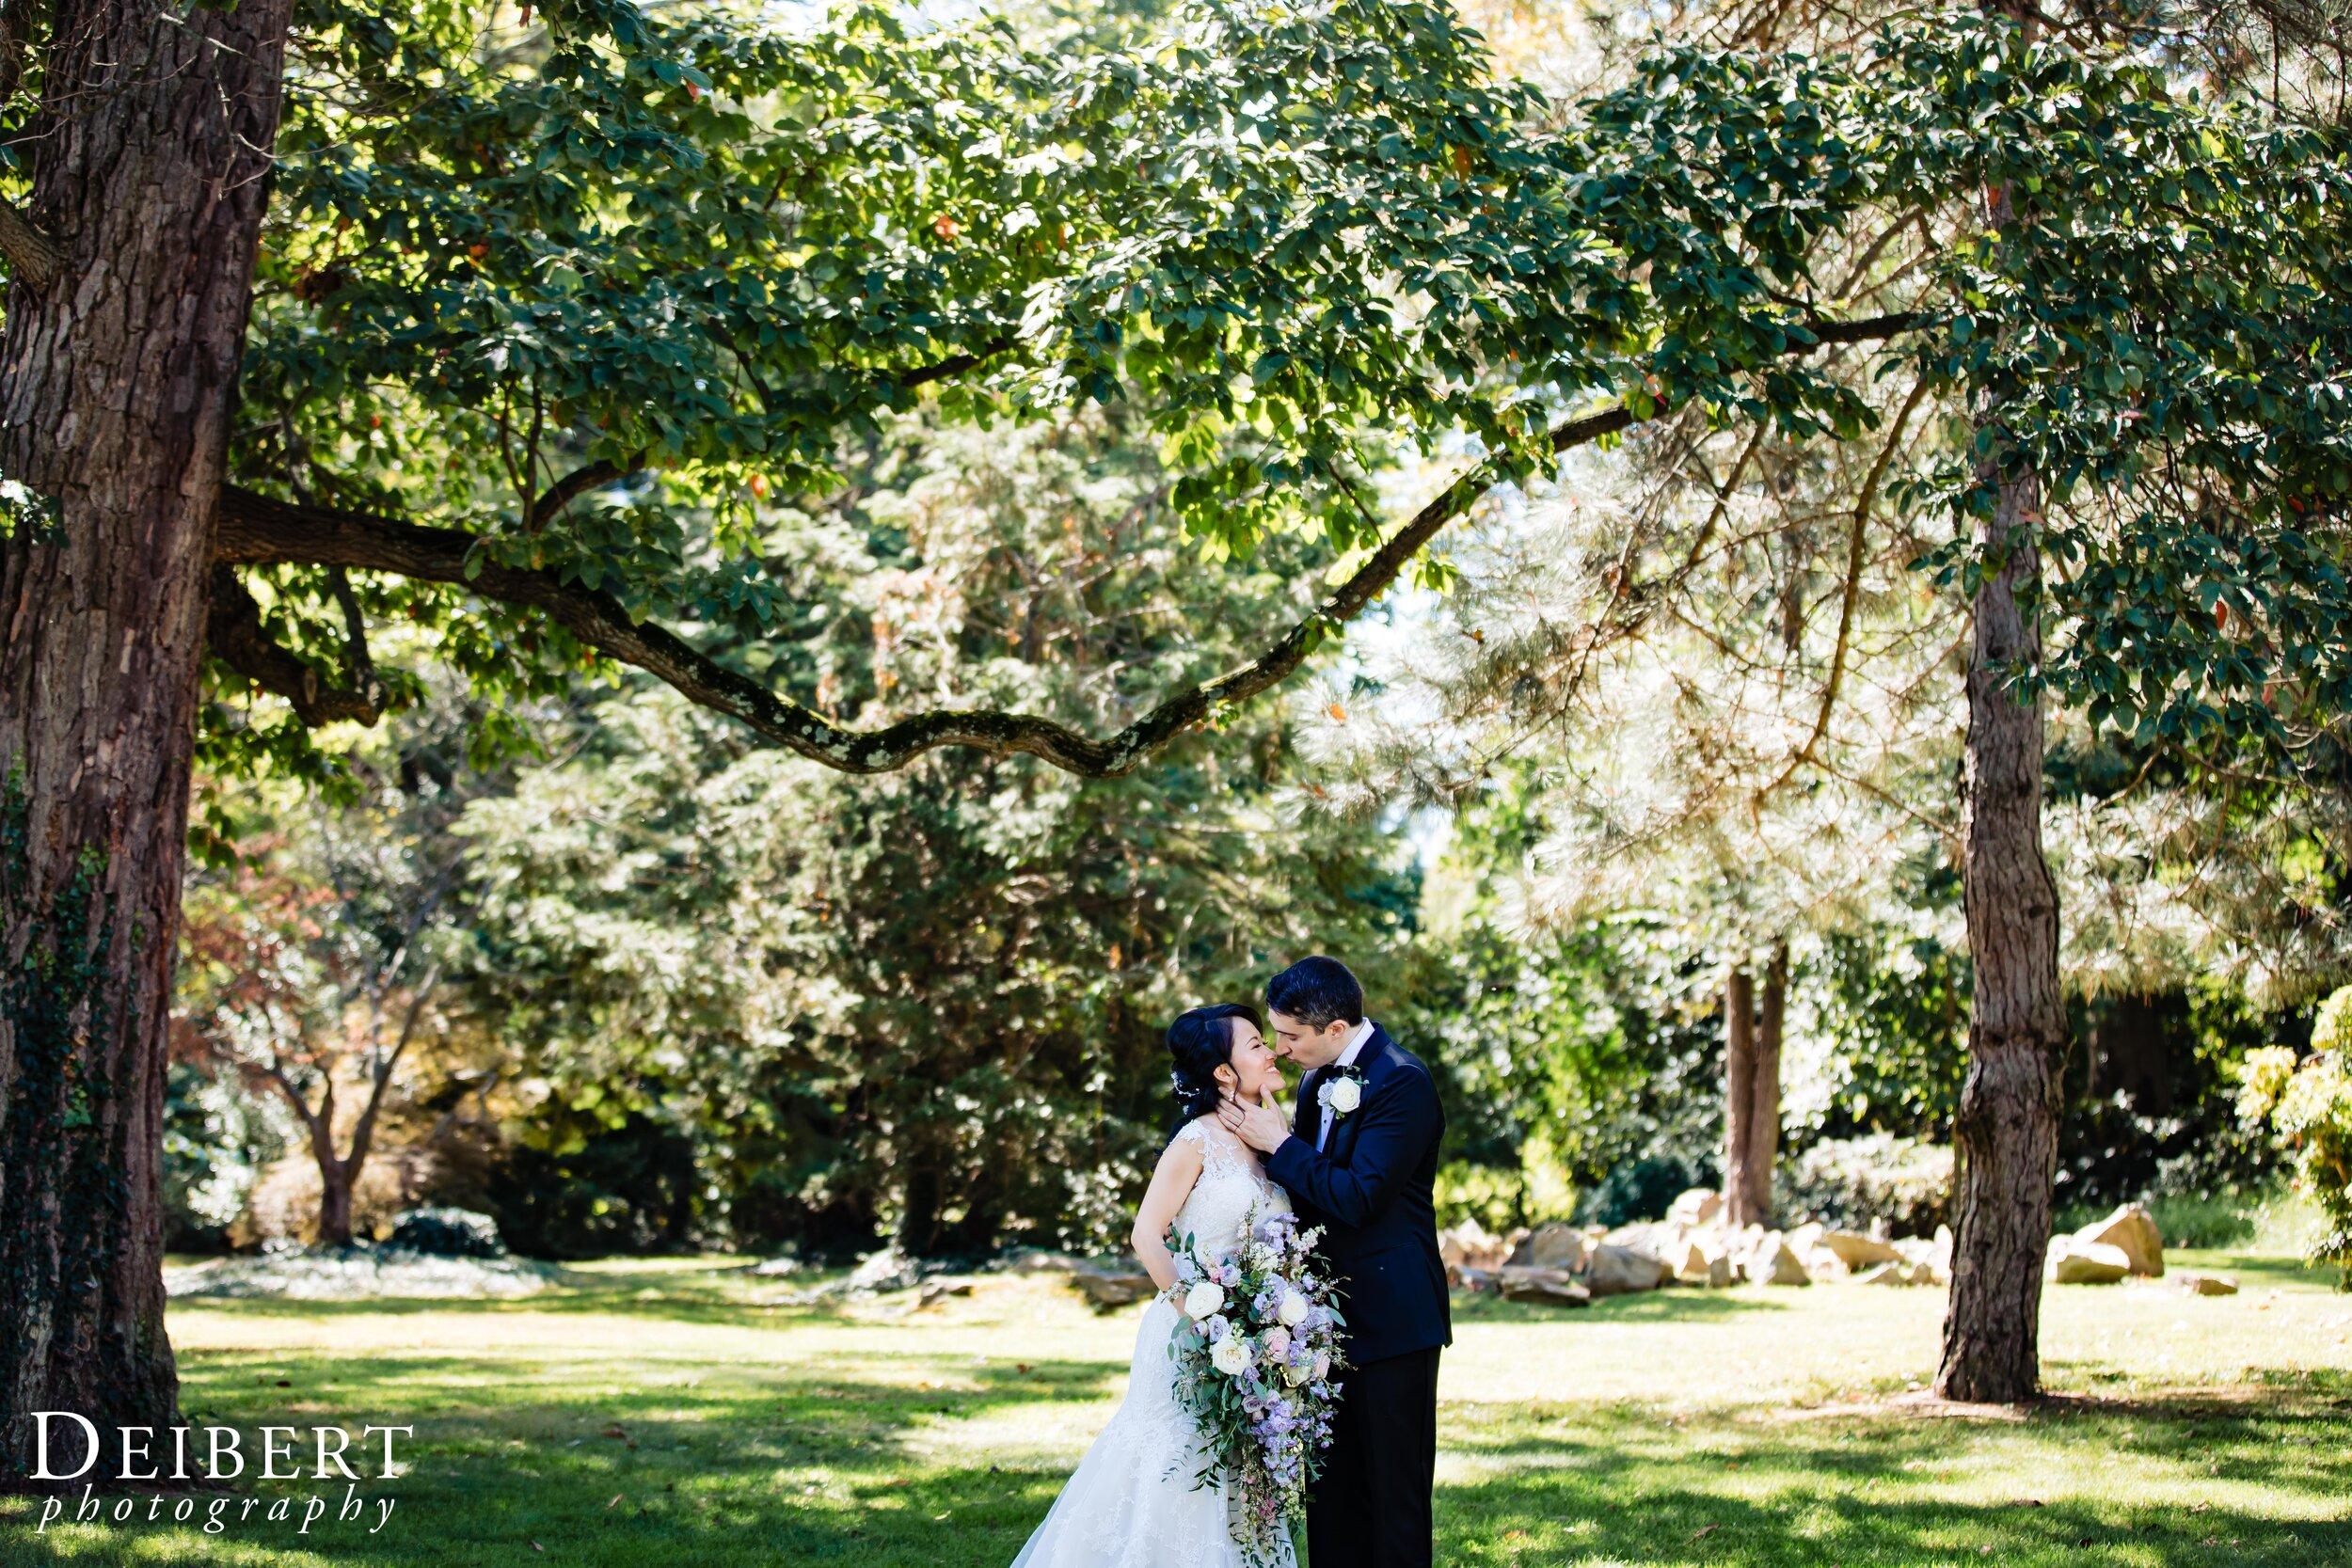 Glenn Foerd on the Delaware Wedding-36.jpg